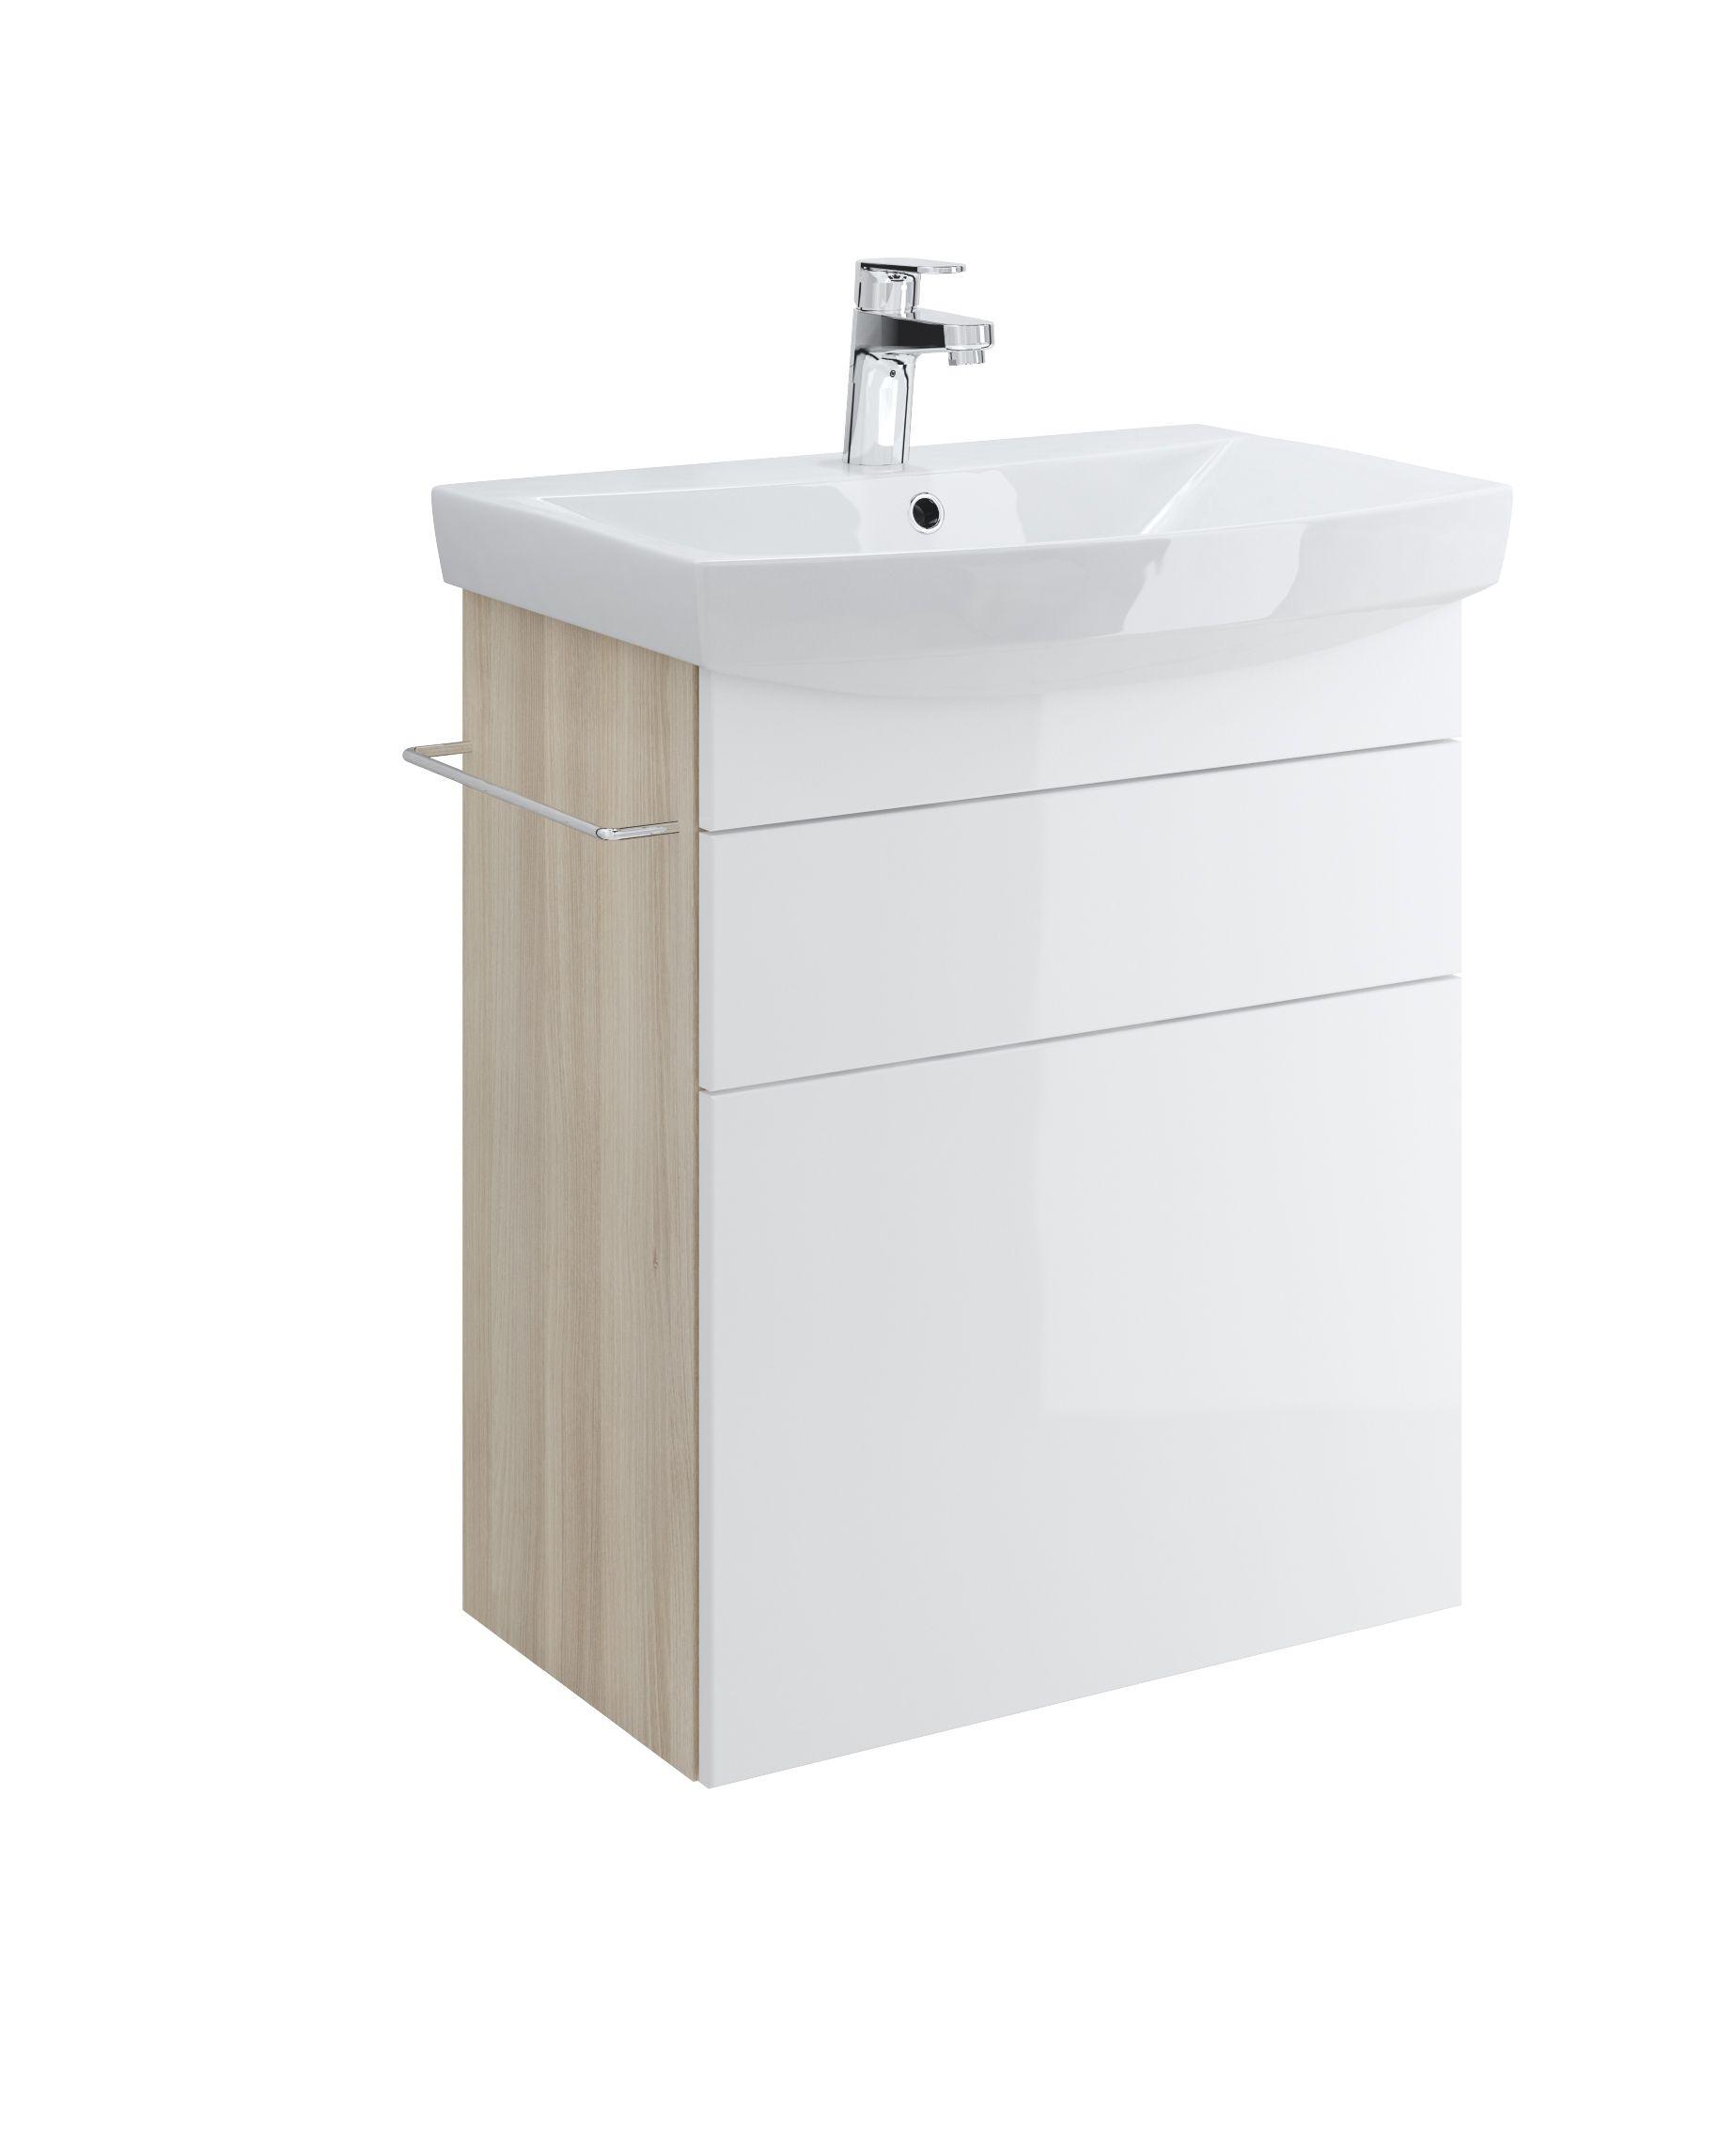 Ikea Schrank Unter Waschbecken In 2020 Vanity Living Room